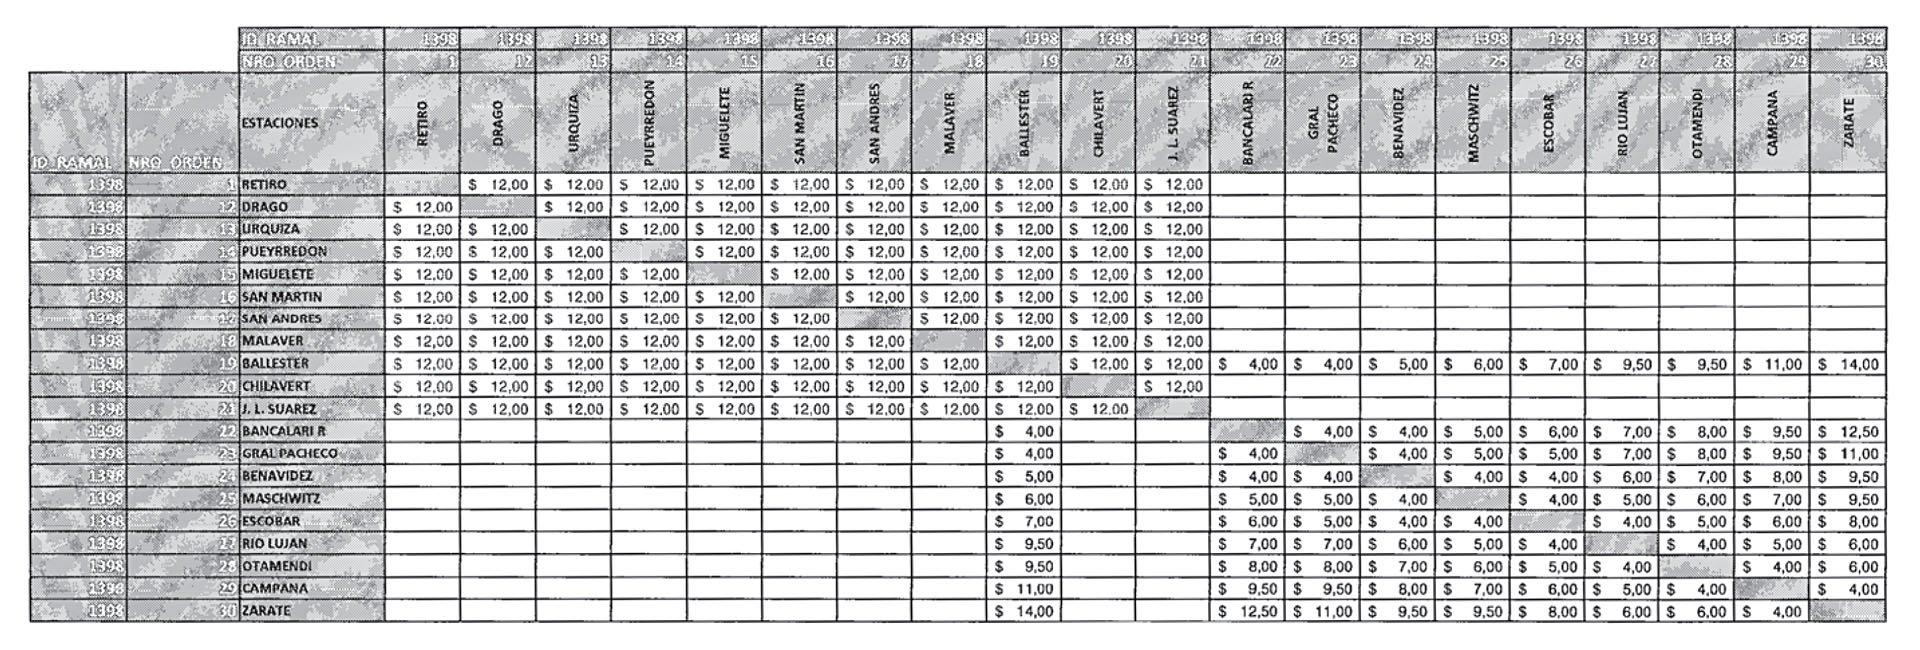 Nuevas tarifas para el ferrocarril Mitre sin SUBE IV